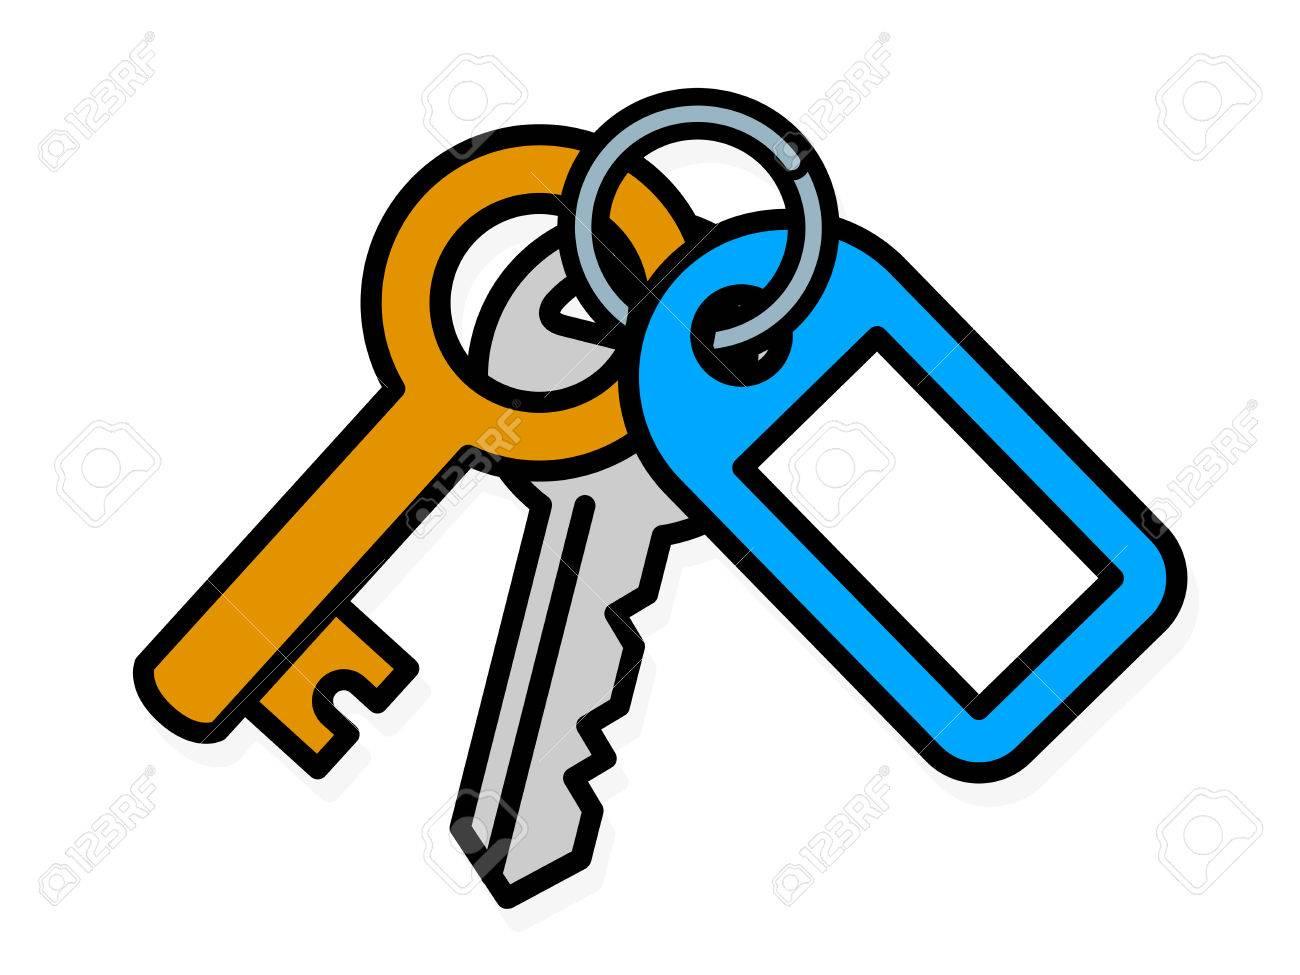 Keys clipart key concept. Free download clip art